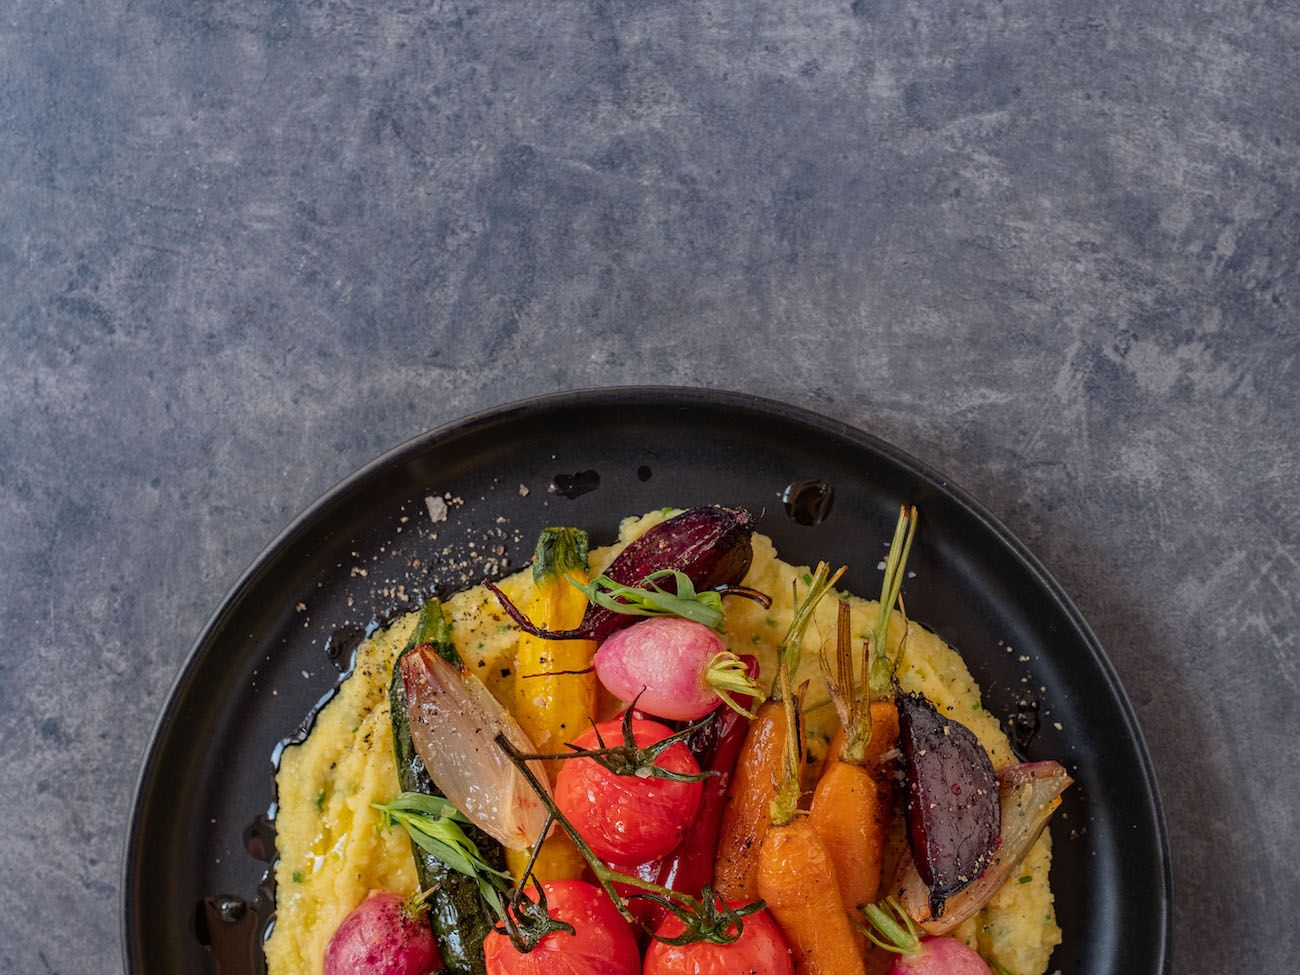 Rezept, Foodblo, About Fuel, Cremige Polenta mit Sommergemüse, Radieschen, Rote Bete, Schalotten